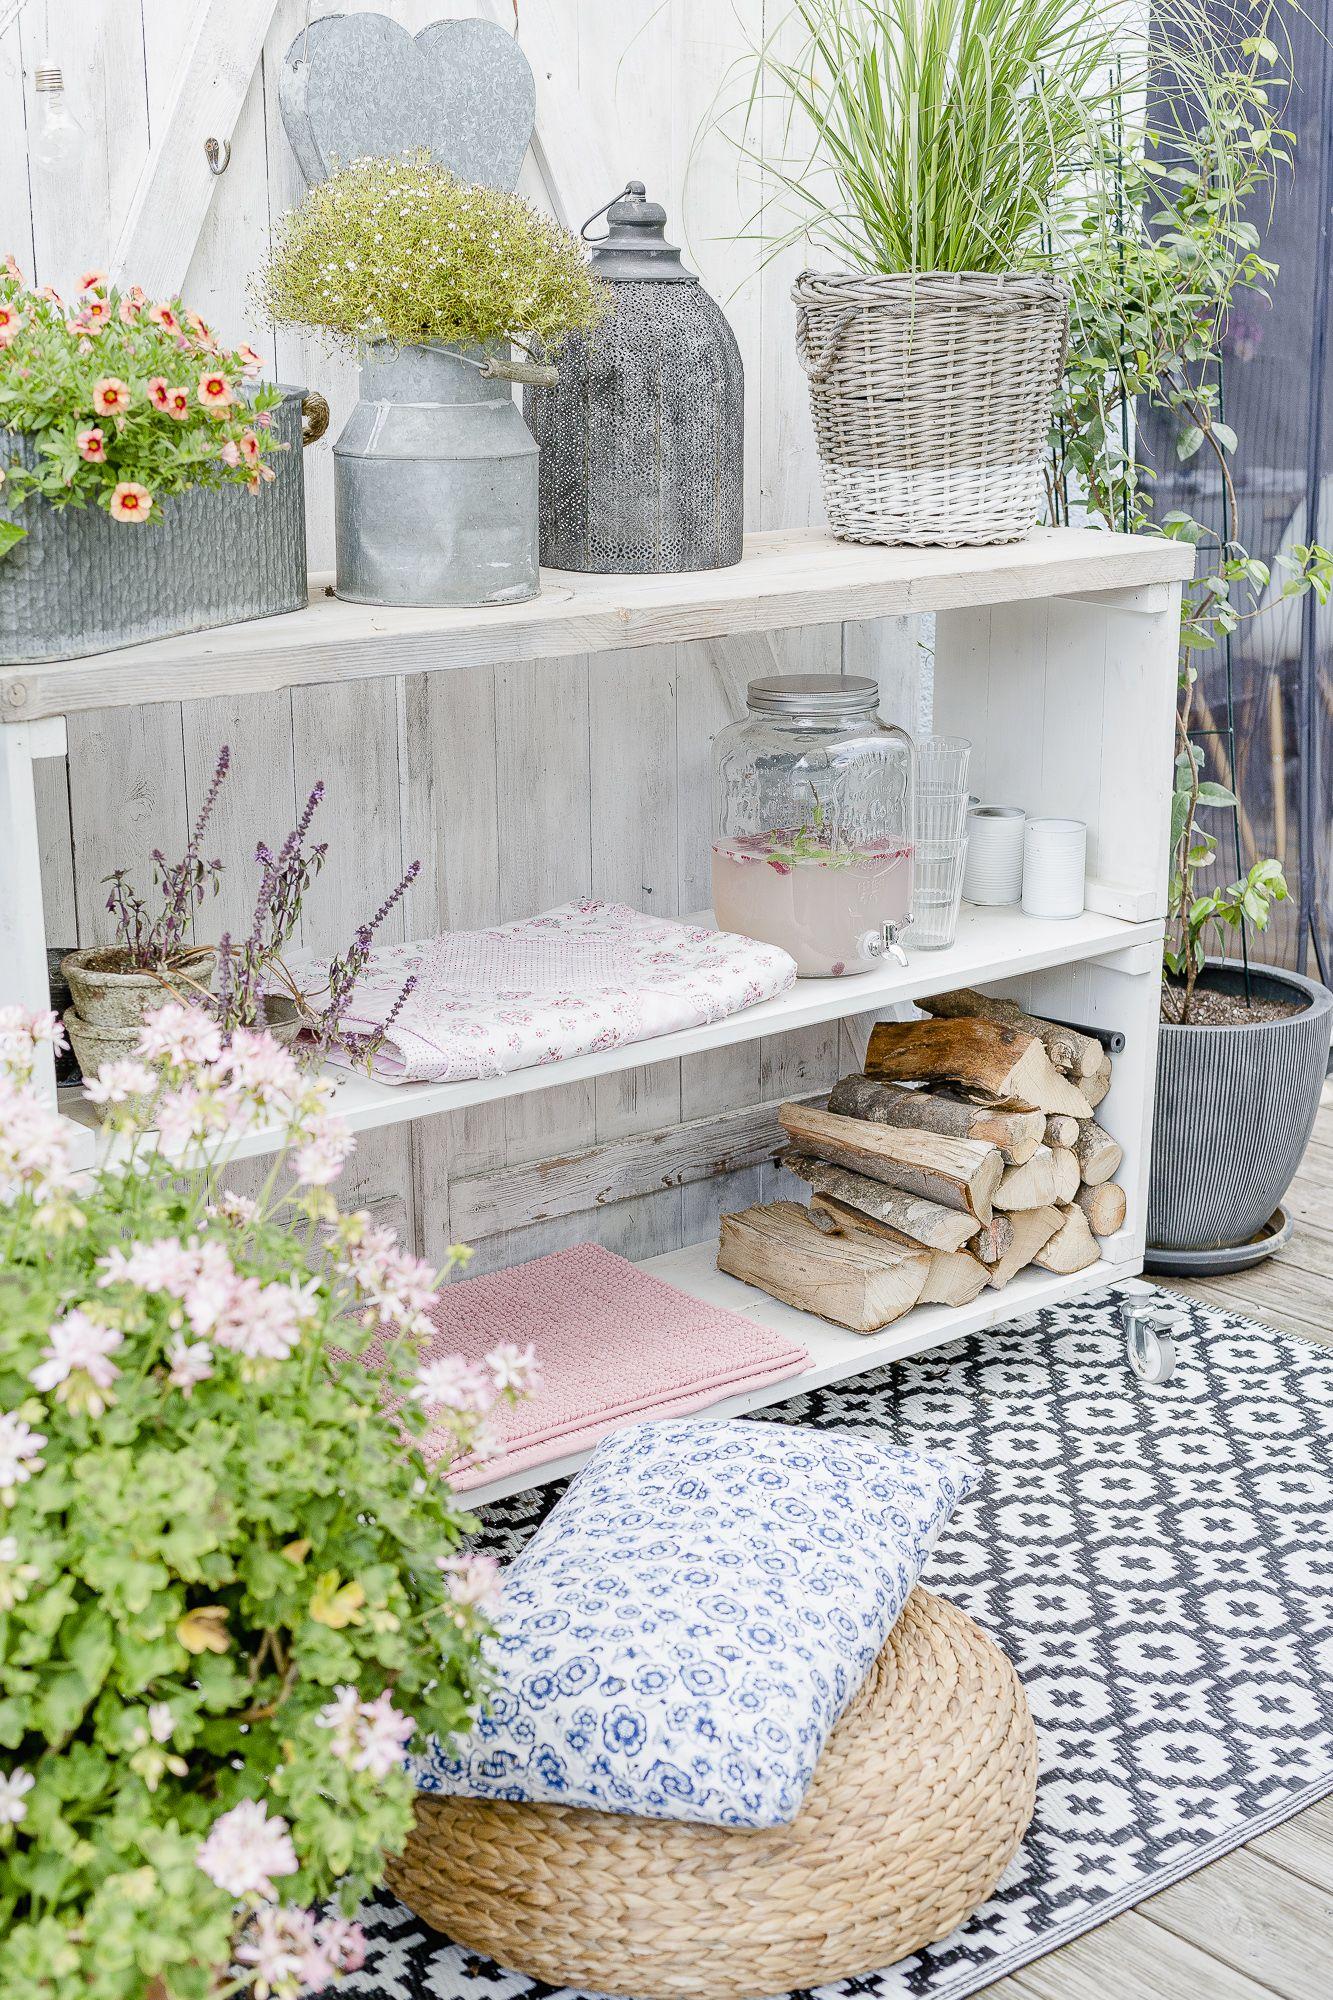 Spätsommer Impressionen oder mein Garten Ende August • Pomponetti